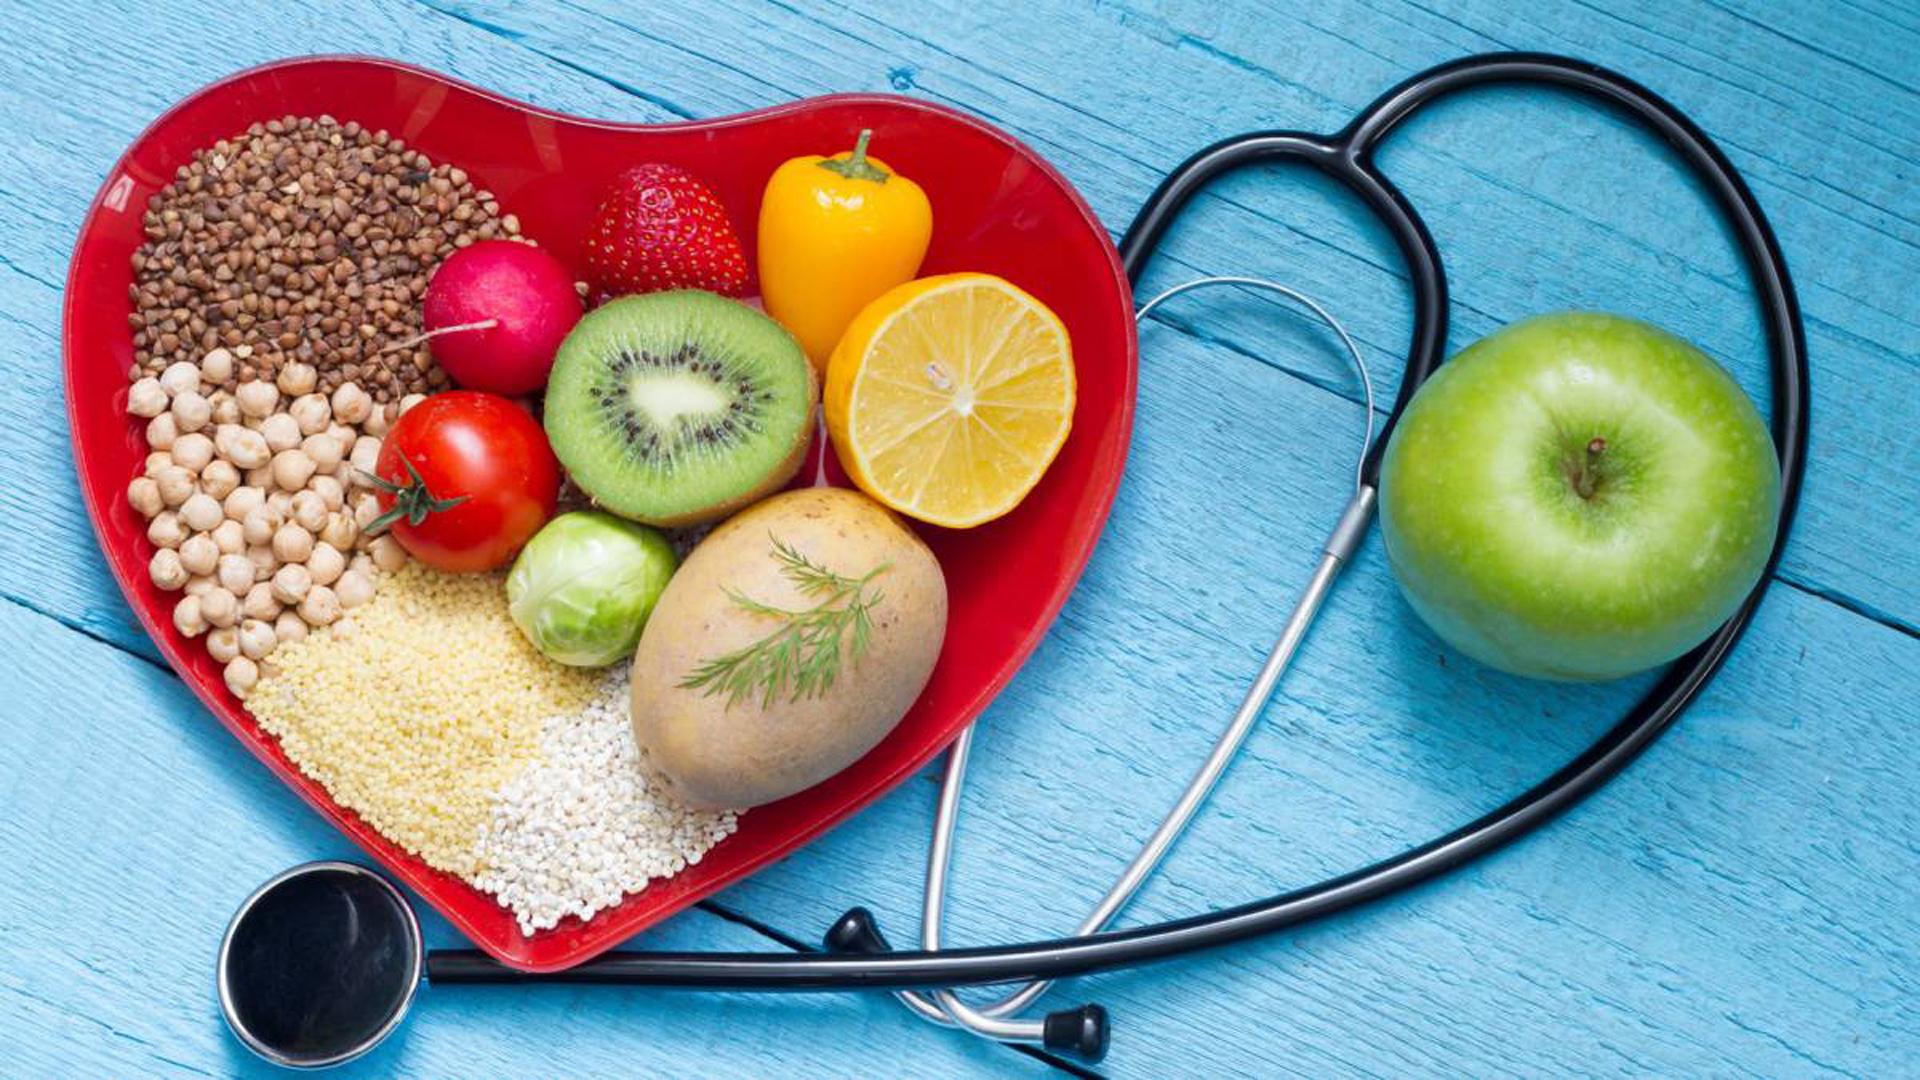 Dieta moderada, dieta protectora. No elevar los consumos de sal, calorías y bebidas alcohólicas. El estrés de época también puede resultar dañino para el corazón